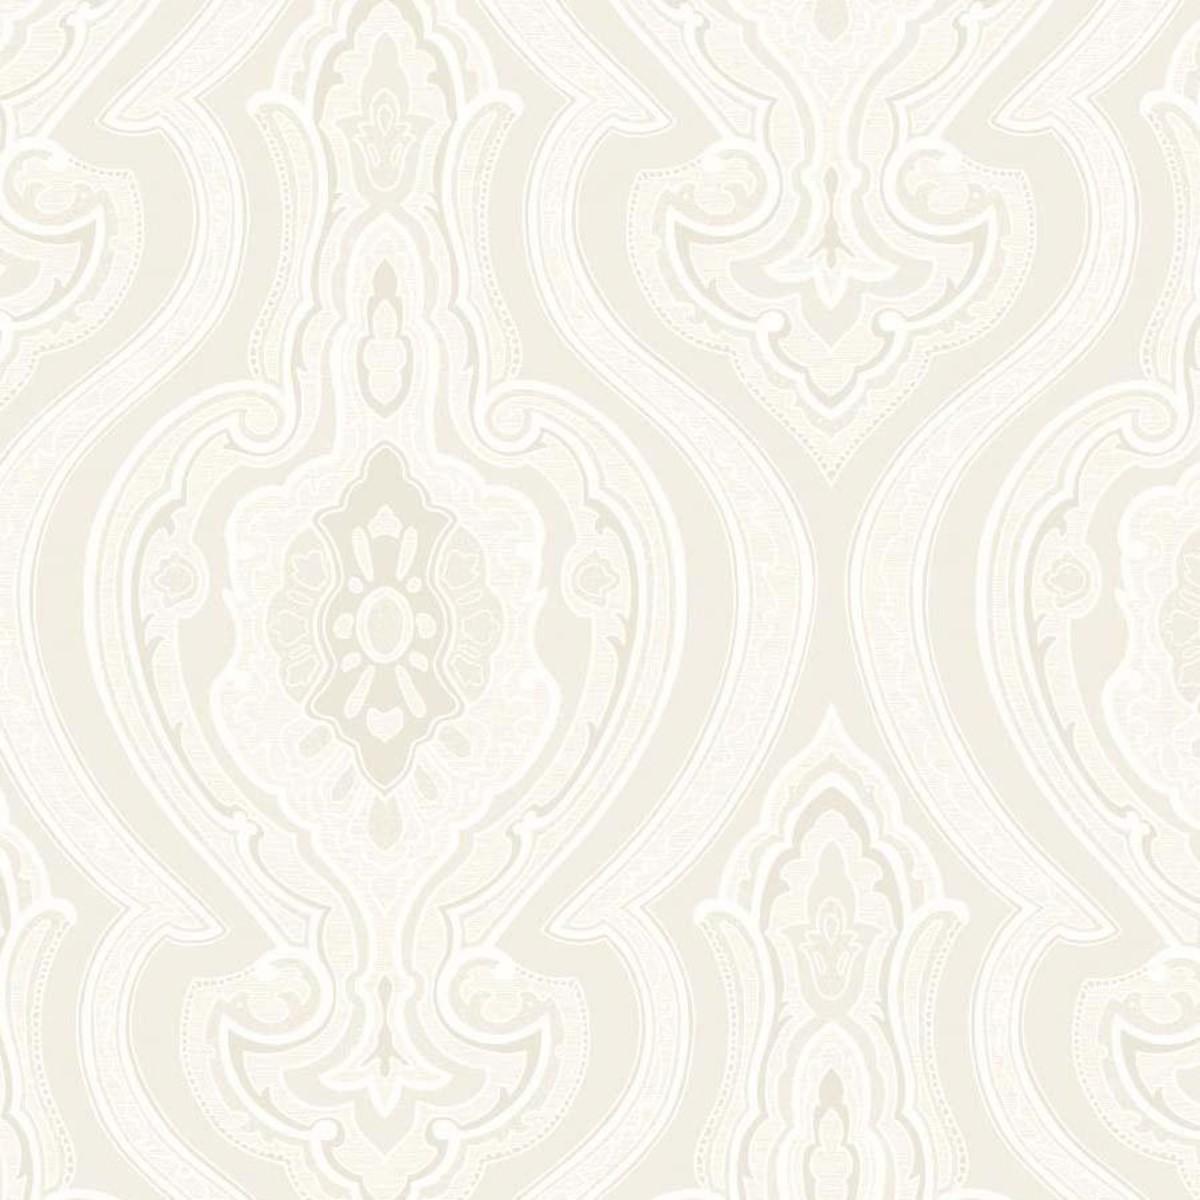 Обои флизелиновые Decoprint Emporia белые 0.53 м EM17051